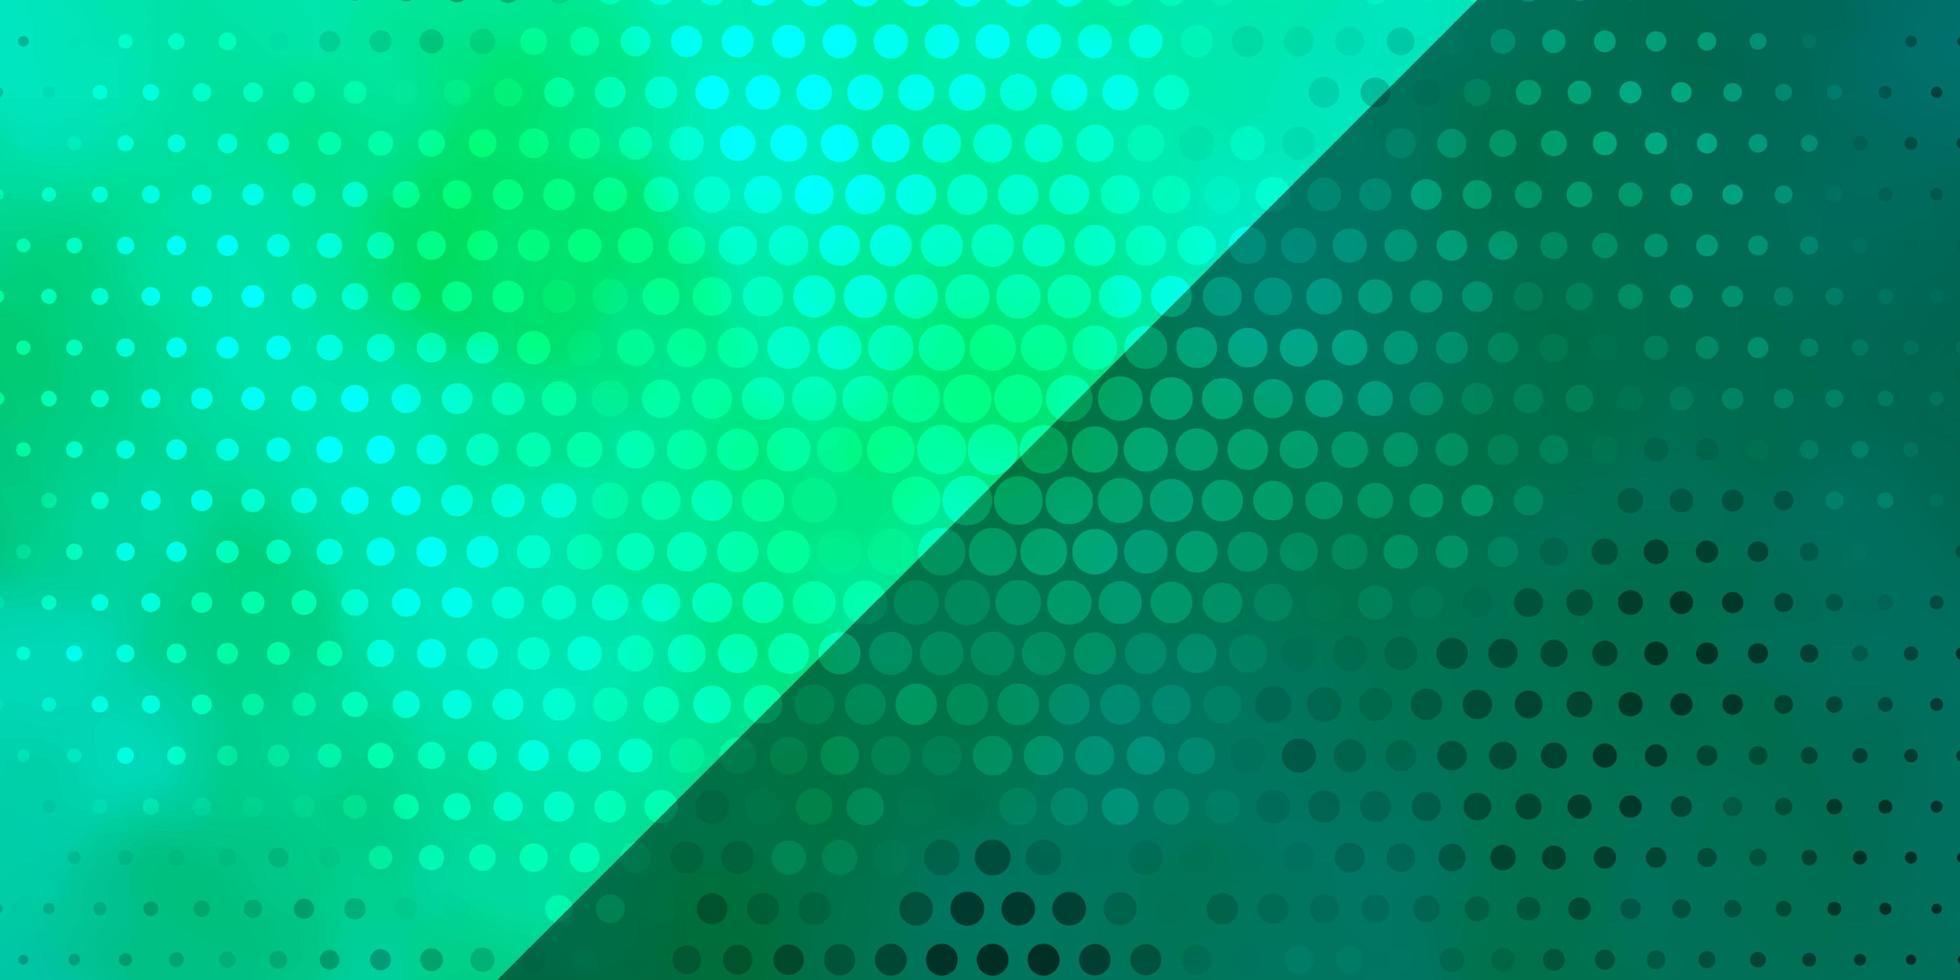 groene achtergrond met cirkels. vector